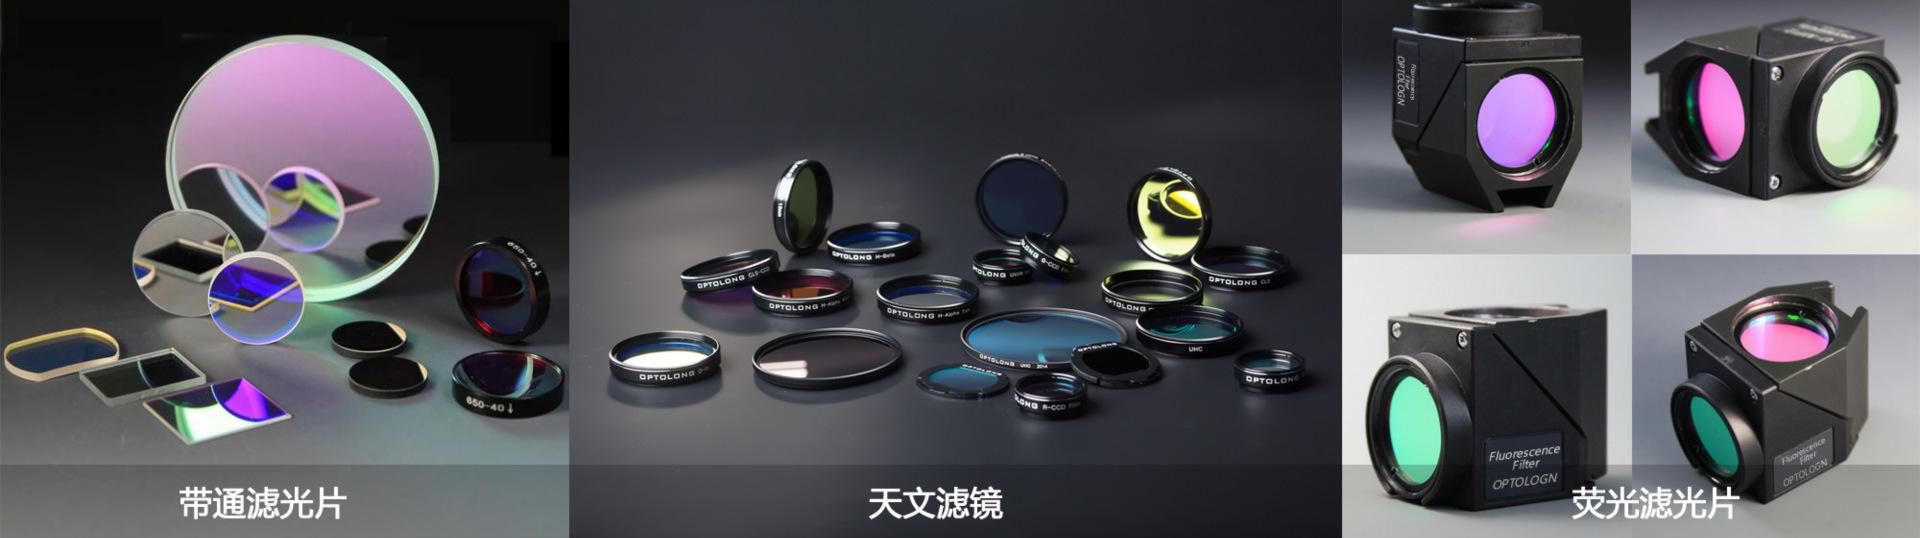 Yulong Optics Optical Filter2